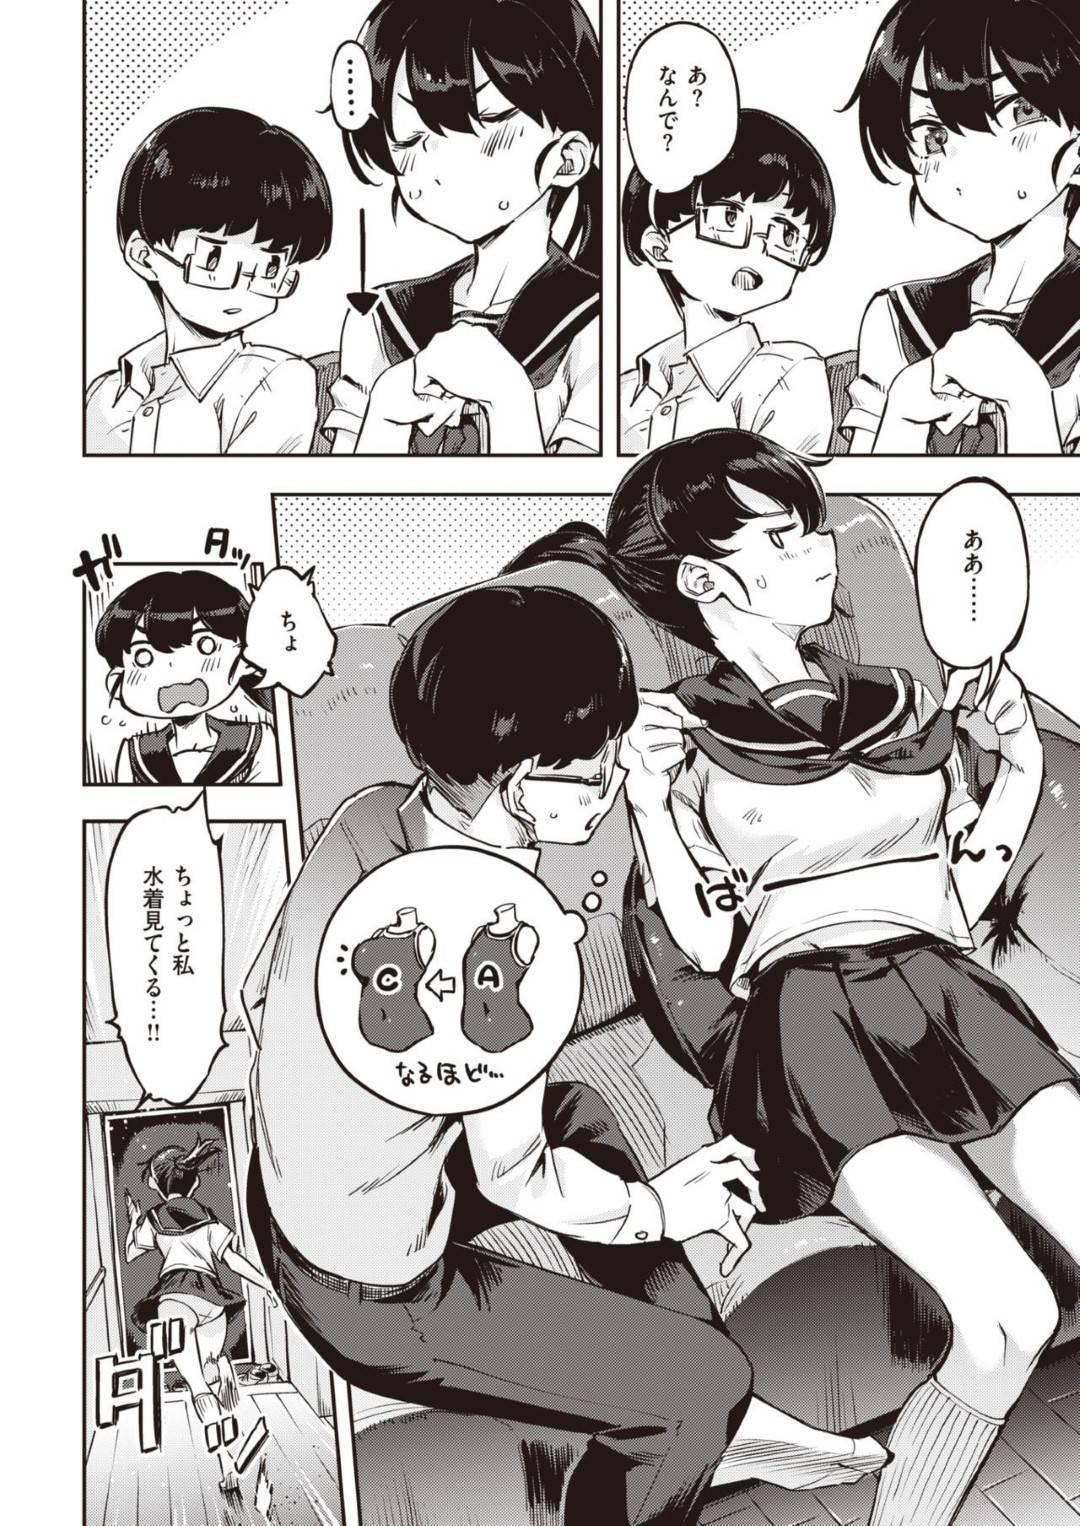 【エロ漫画】同級生の彼氏と今年のプールの授業について話しているJC…胸が大きくなったことで去年のスク水が入らない心配をして制服の下に着て彼氏に見てもらう!【すーぱーぞんび】